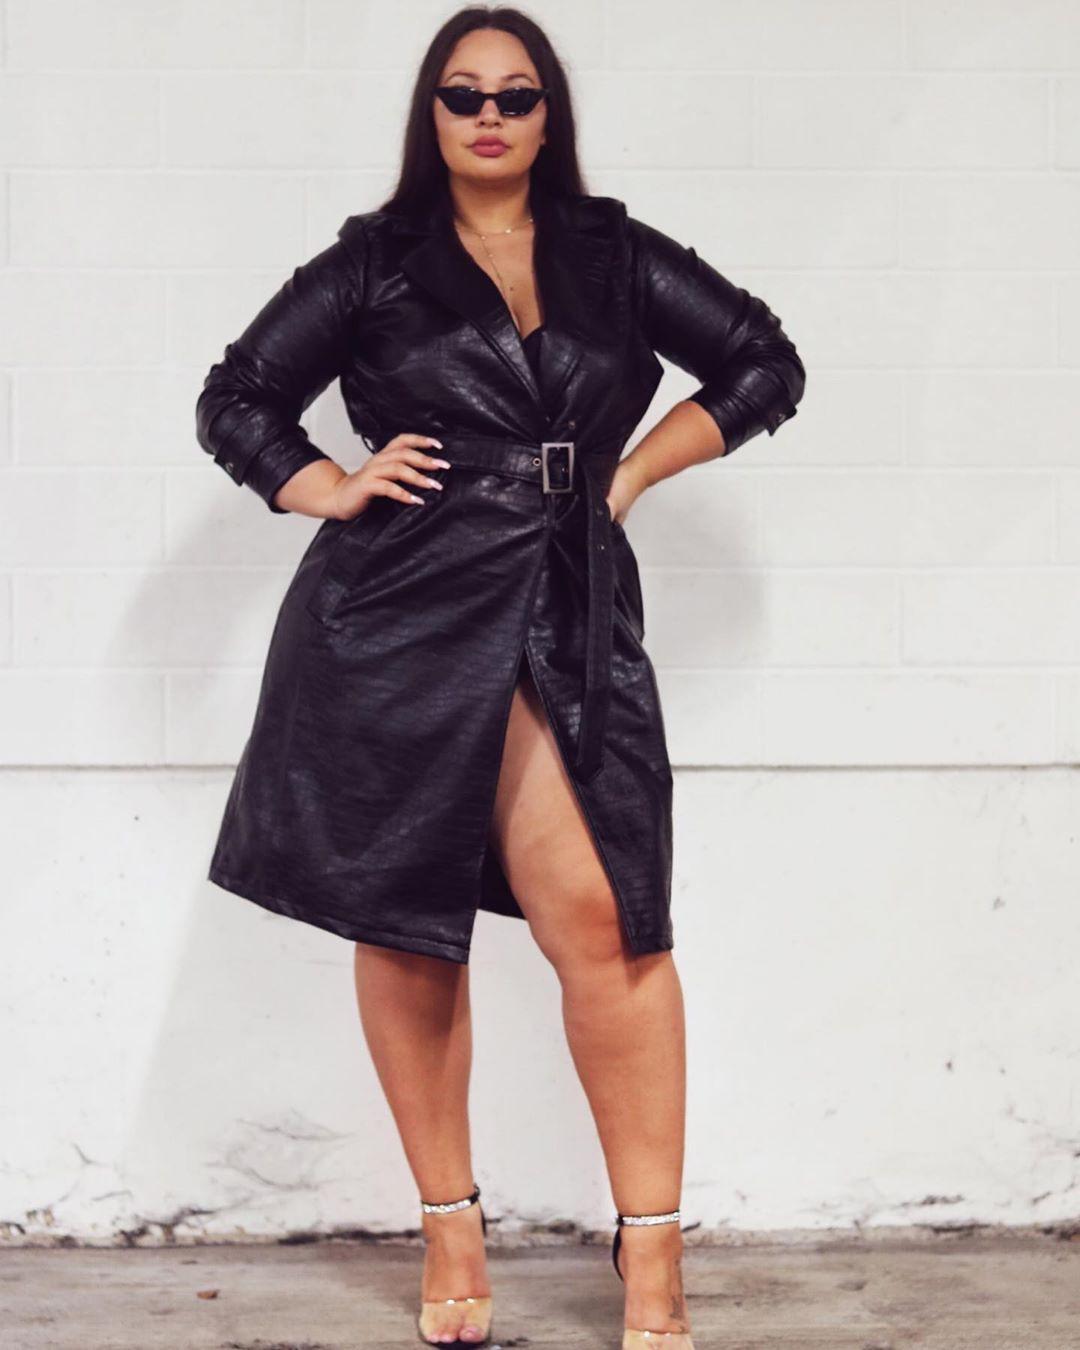 Plus Size dress little black dress, leather, coat colour outfit